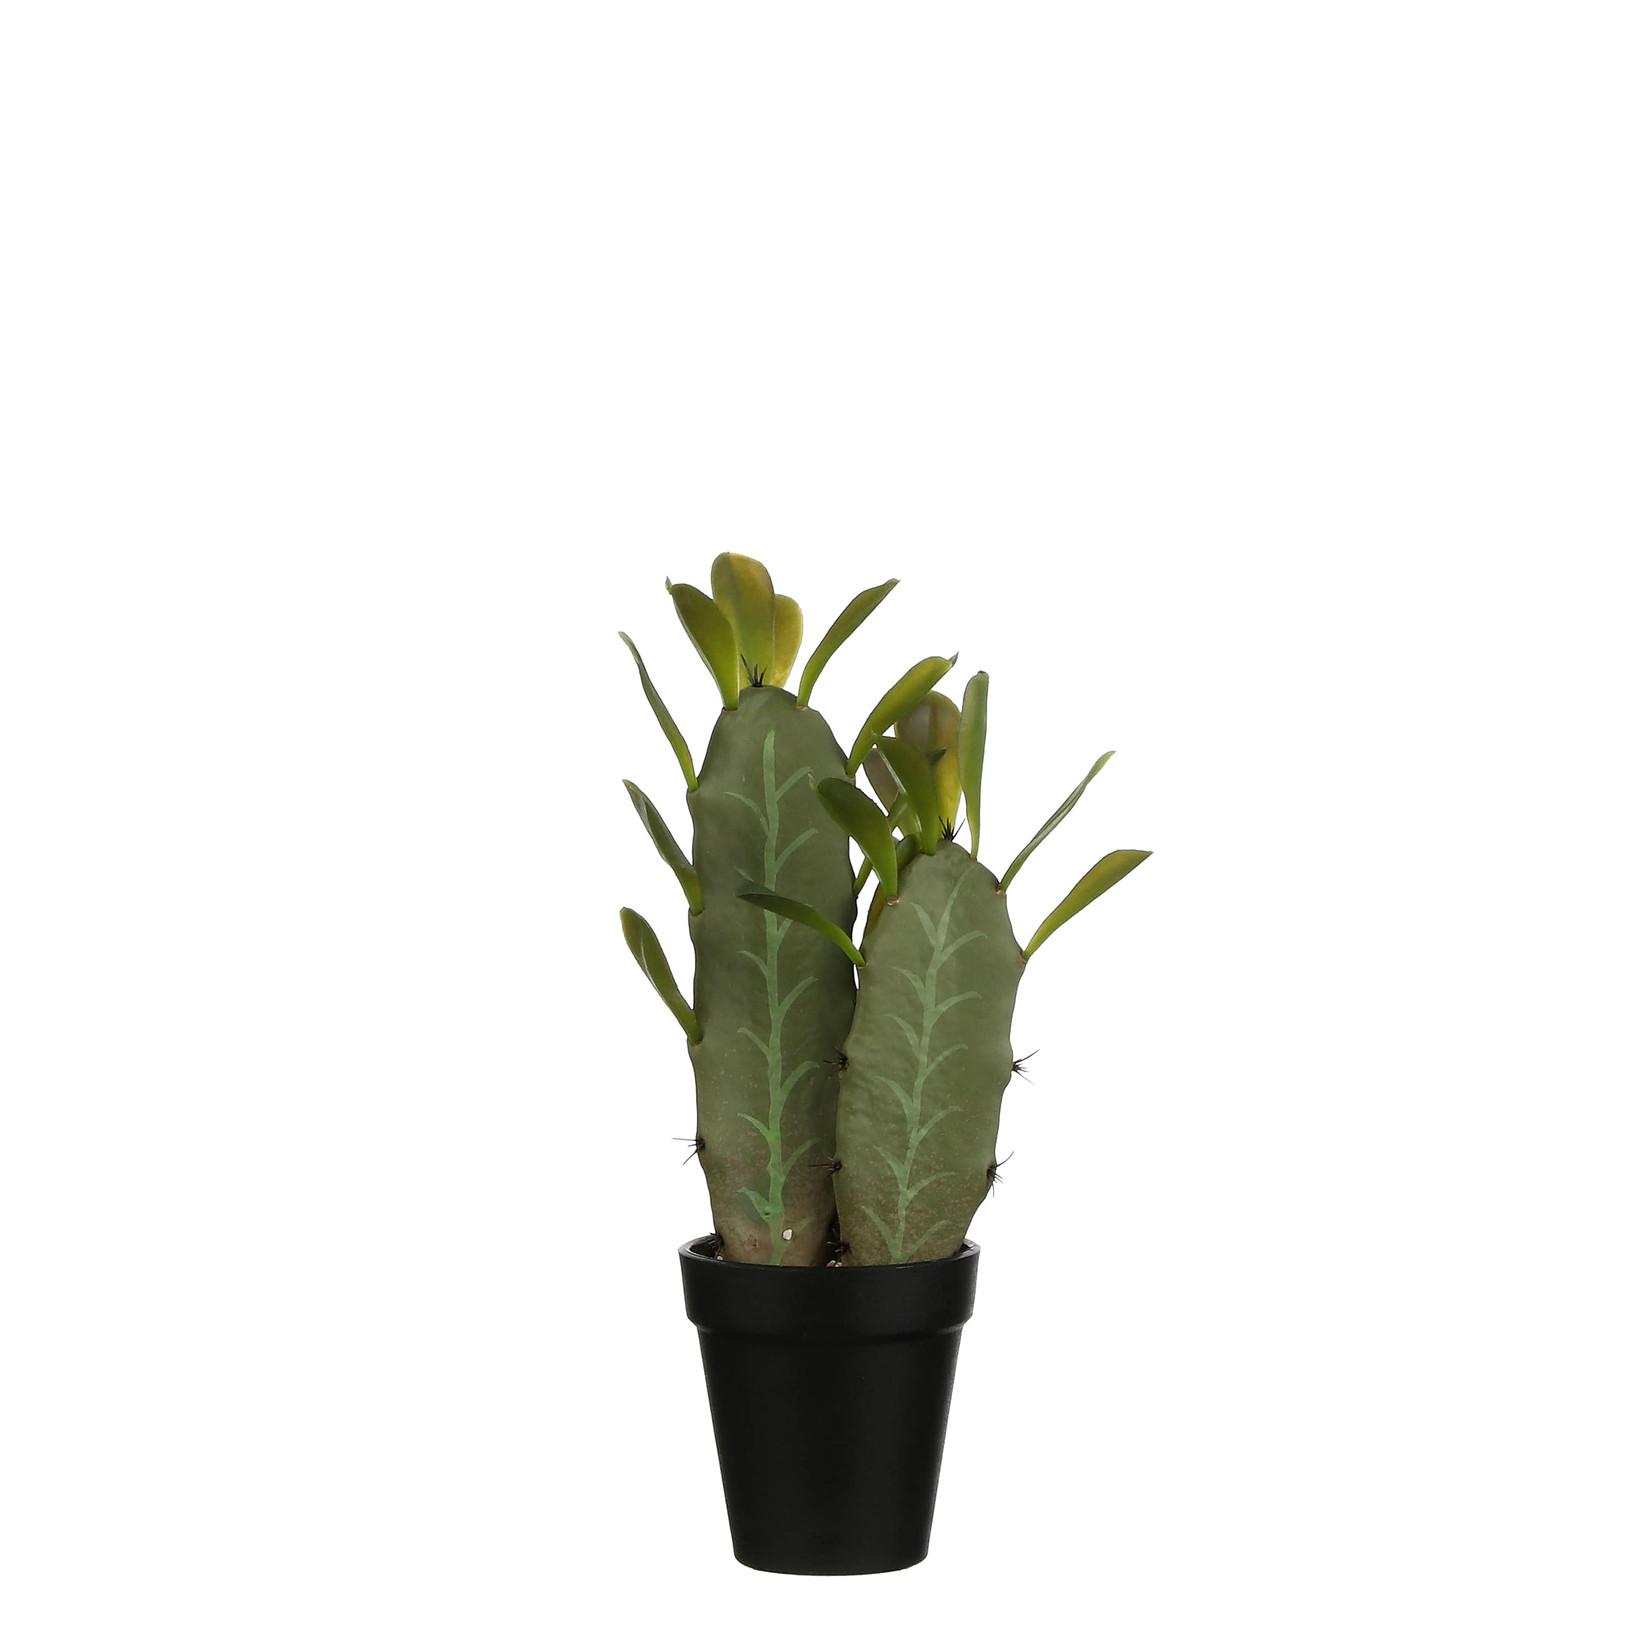 MiCa 1058759 Cactus in plastic pot